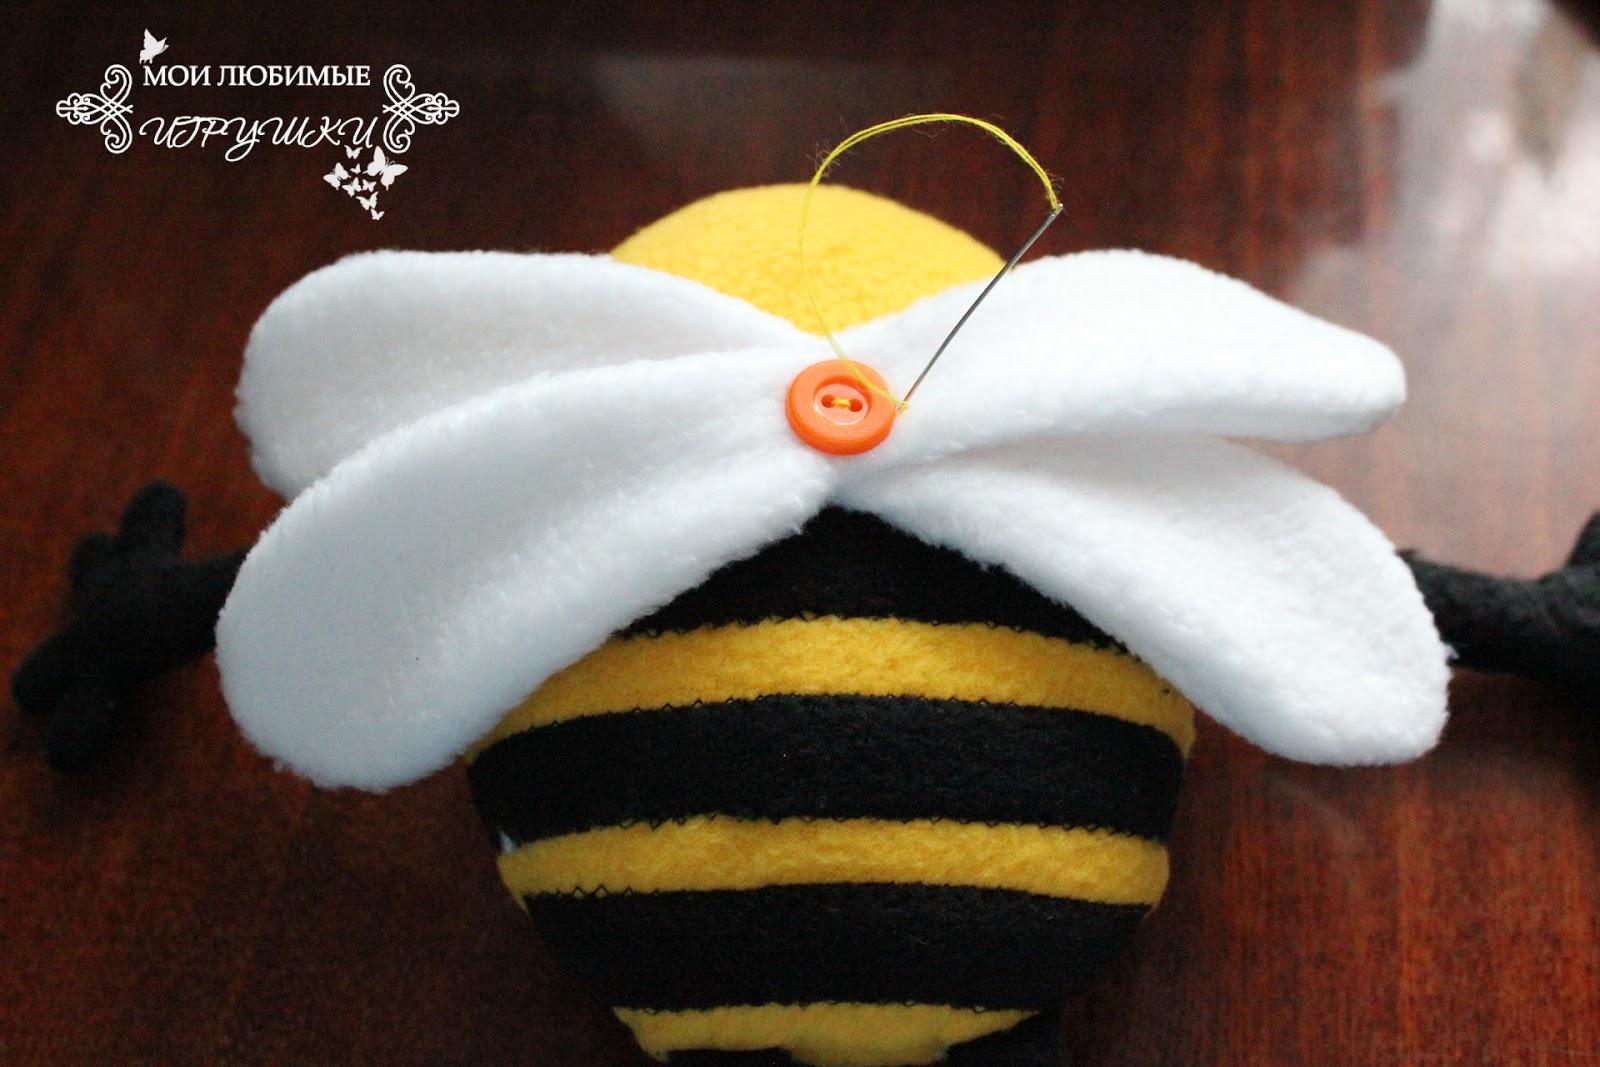 Мягкая игрушка пчёлка своими руками 10